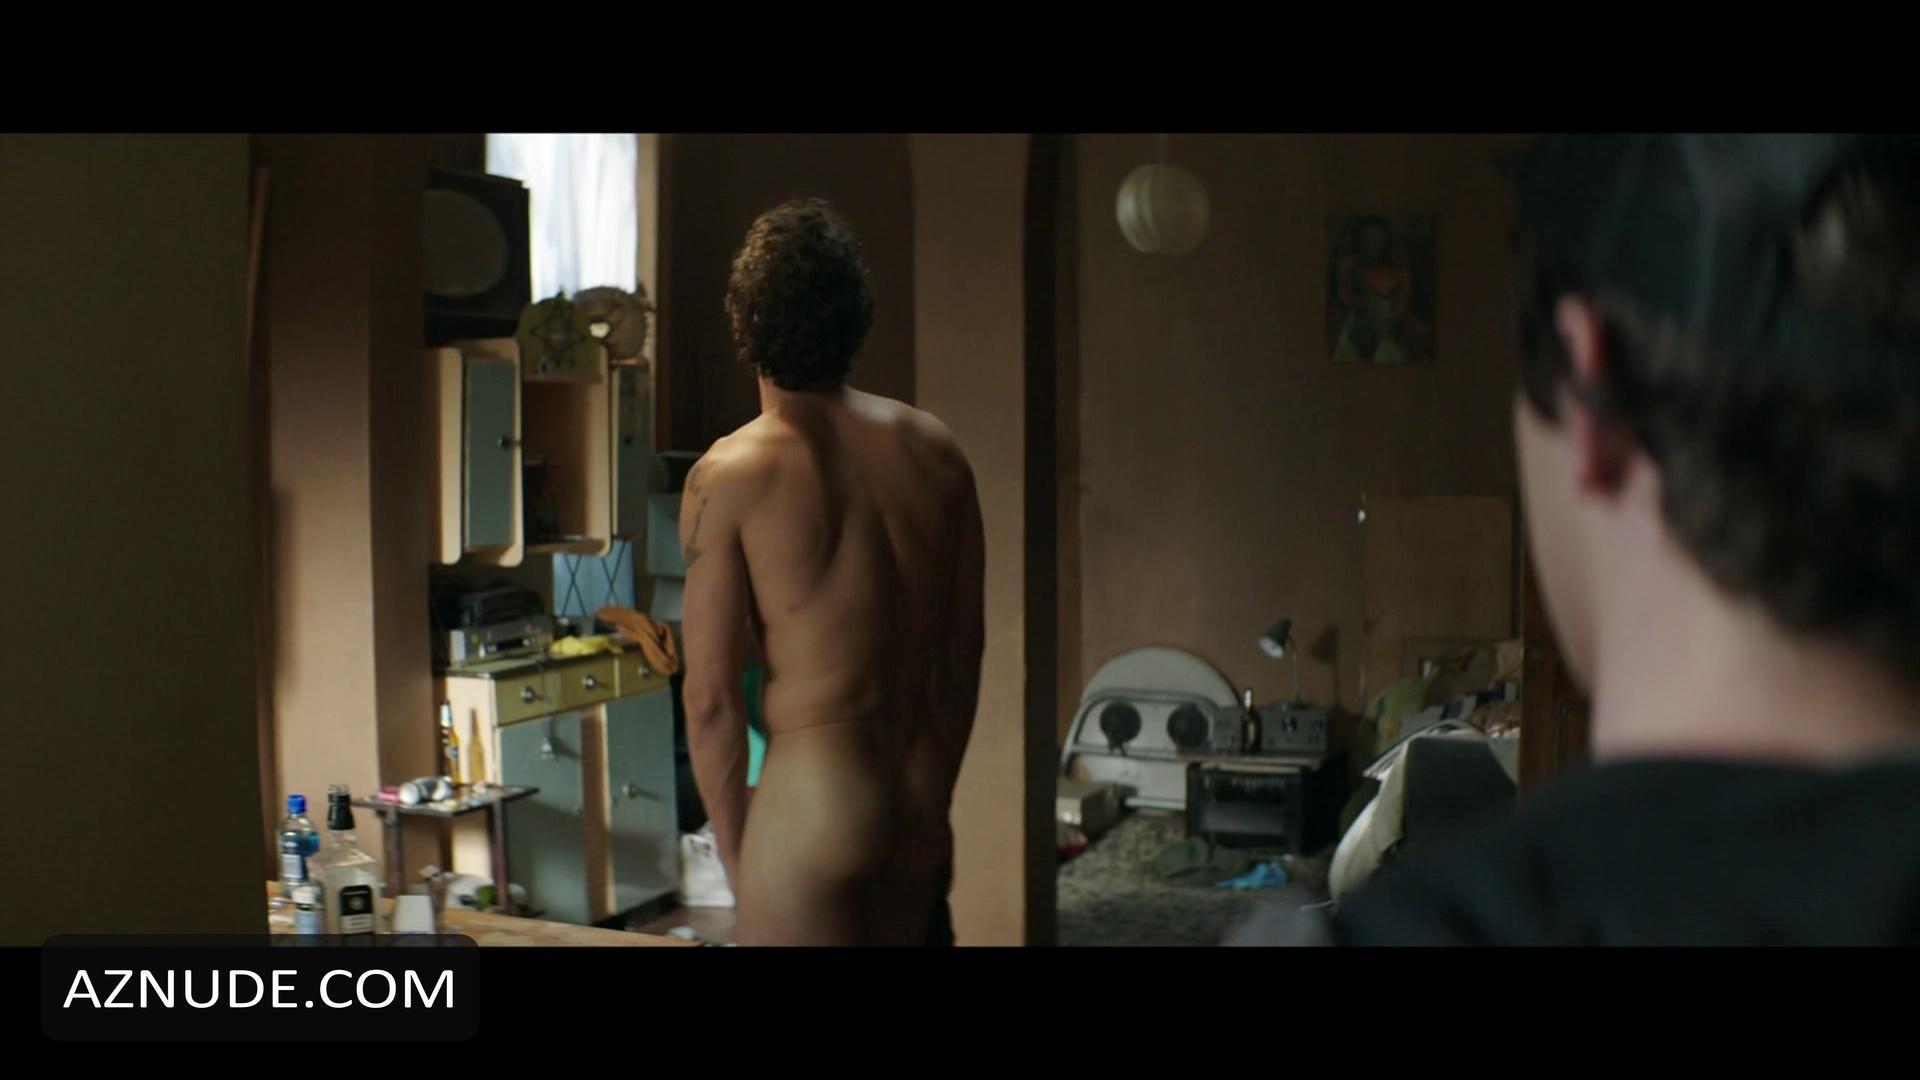 zulu porn girls naked